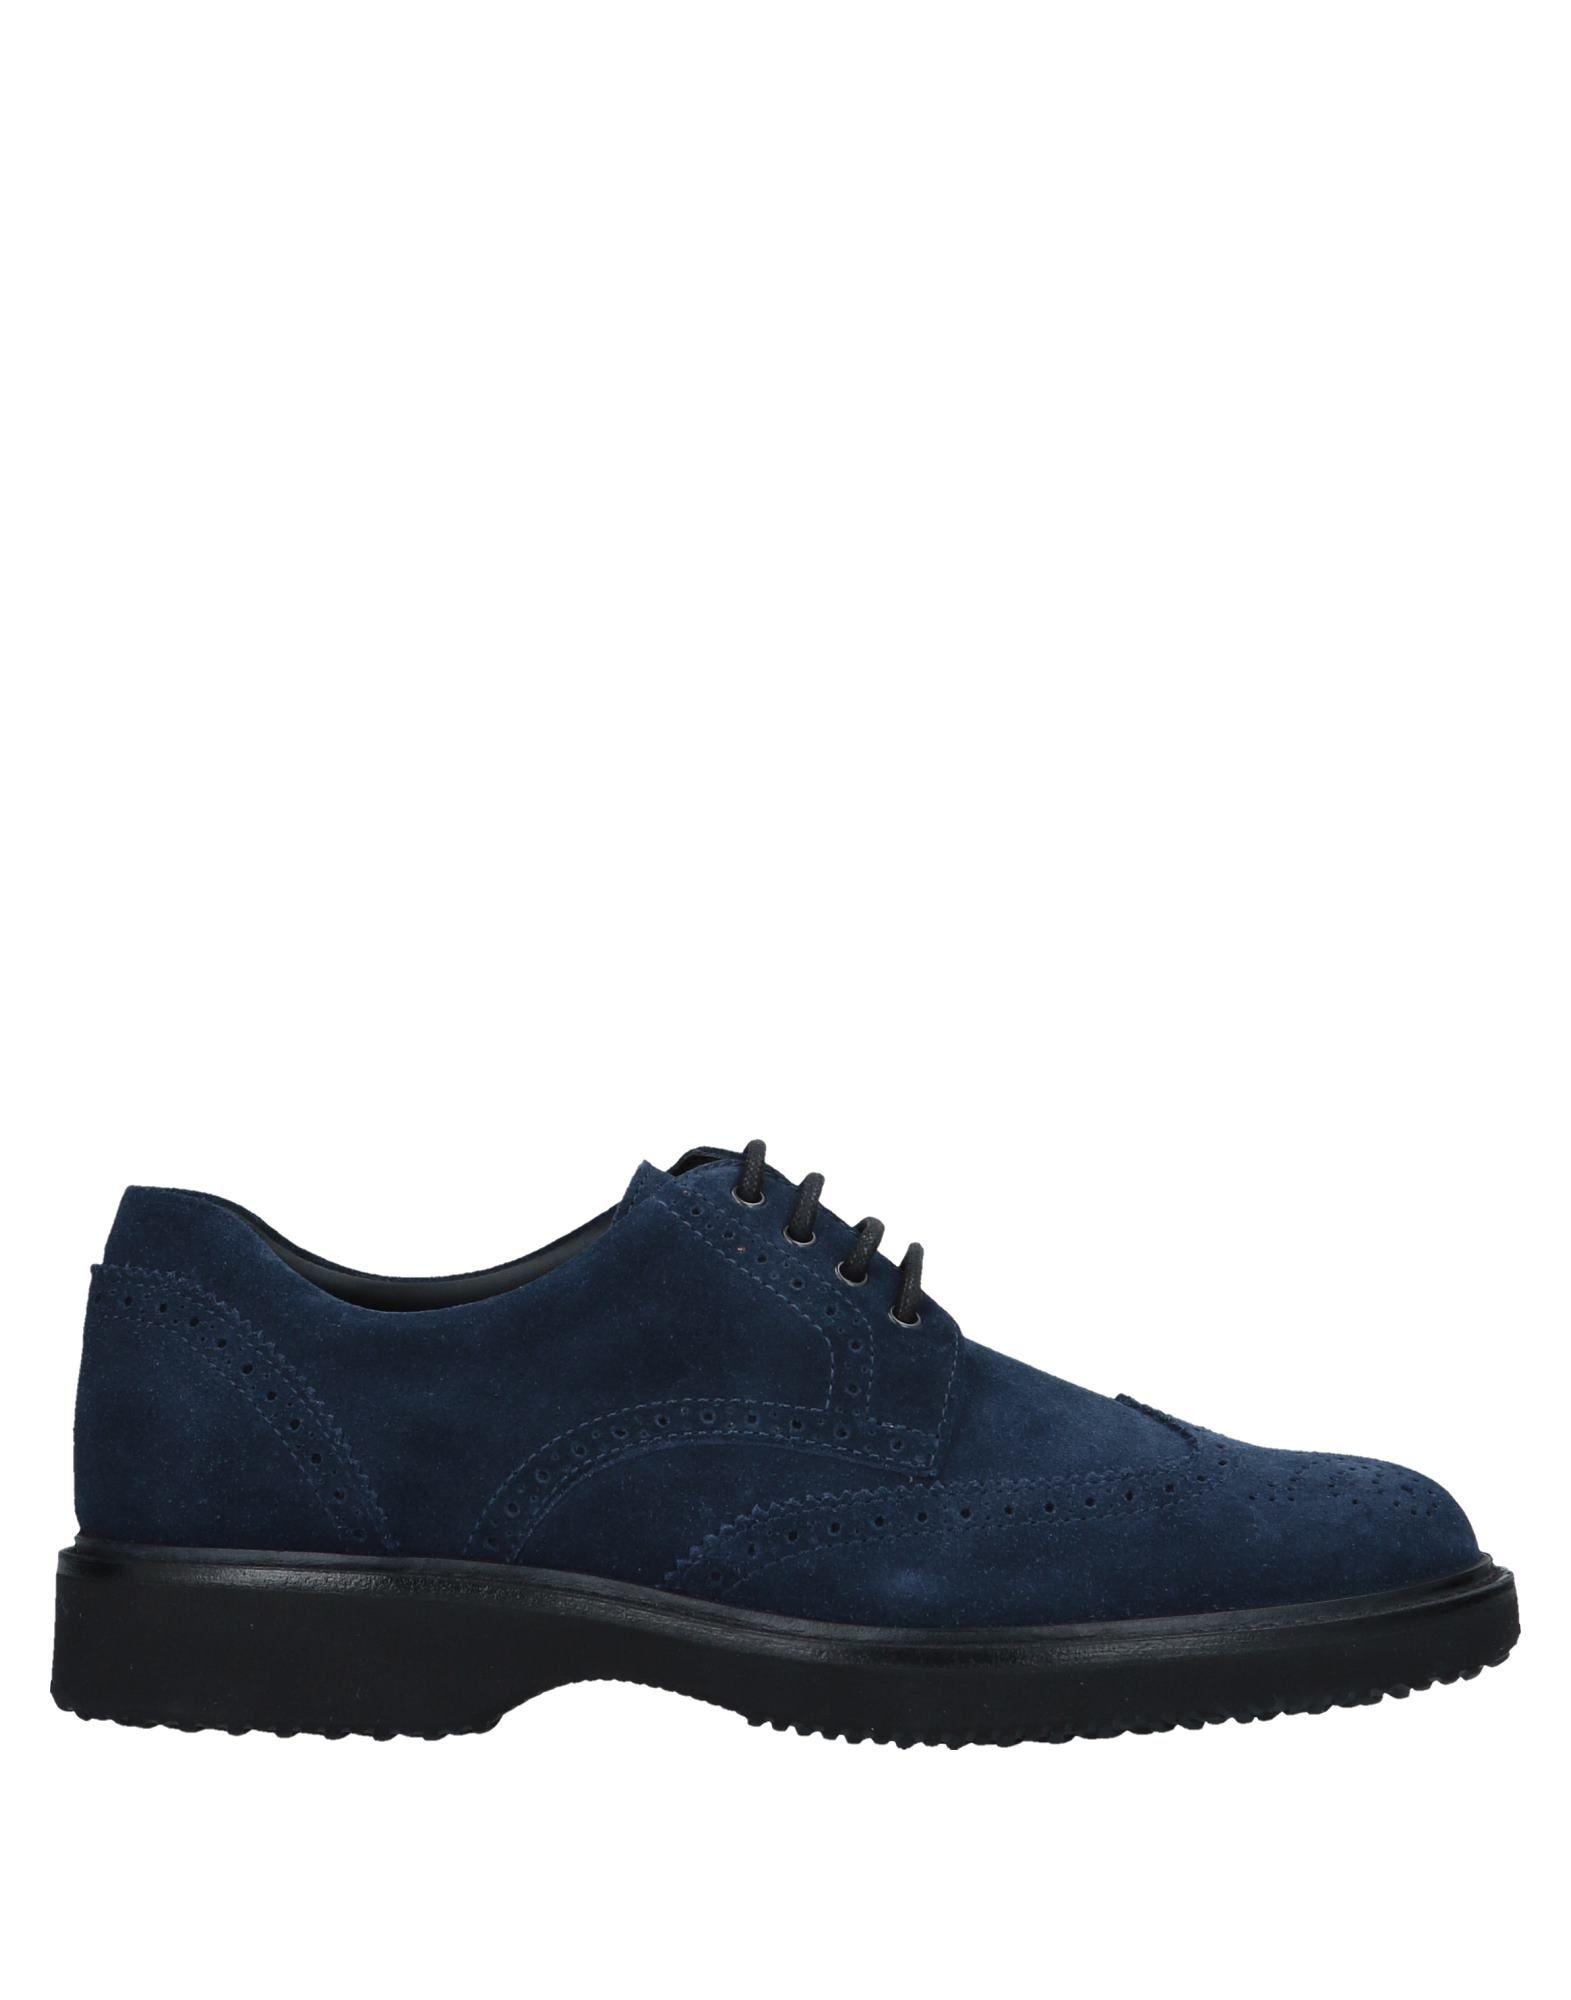 Hogan Schnürschuhe Herren  11543234QA Gute Qualität beliebte Schuhe